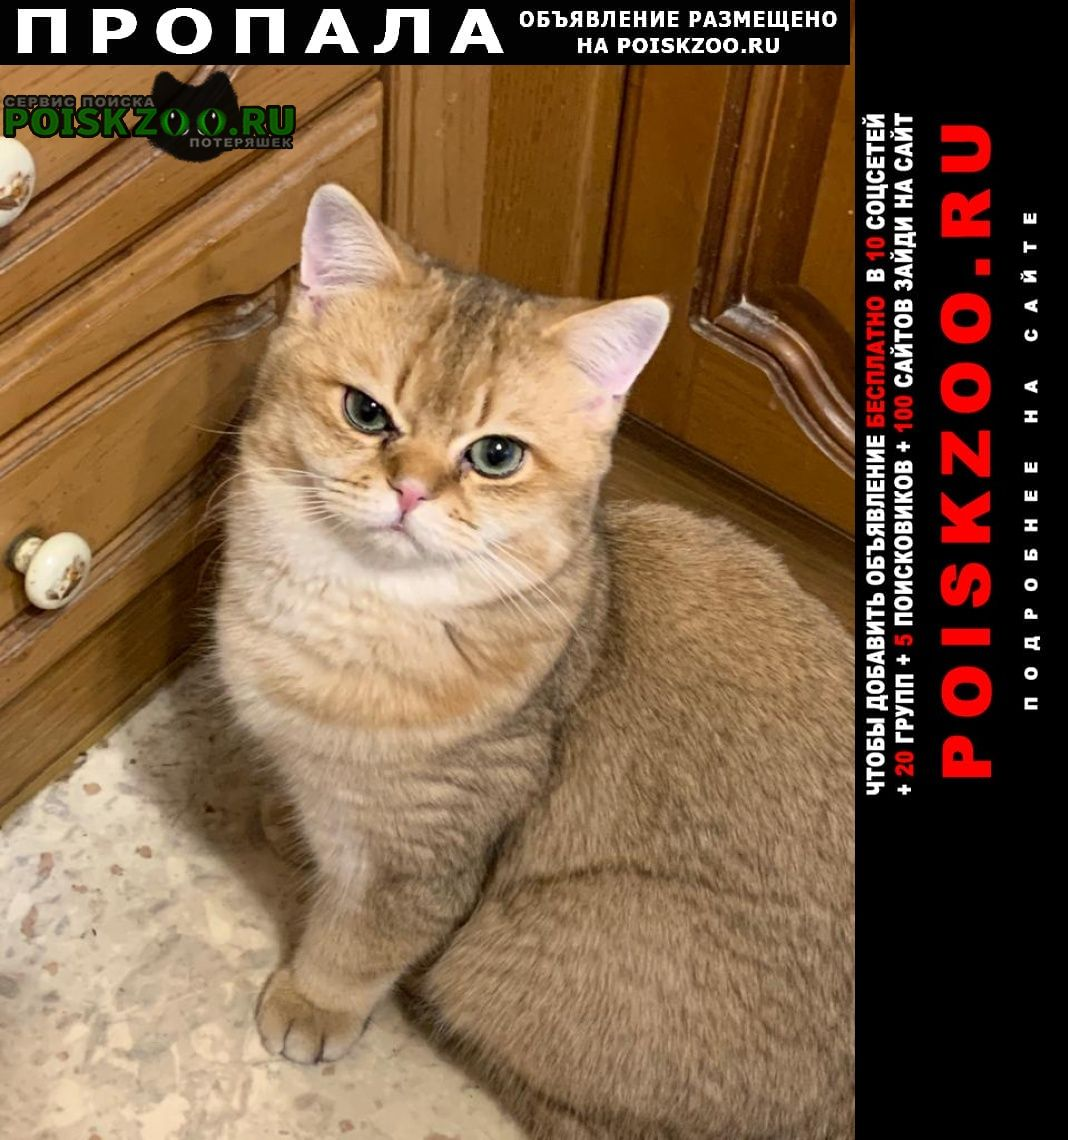 Пропал кот, возраст 1 год Михнево